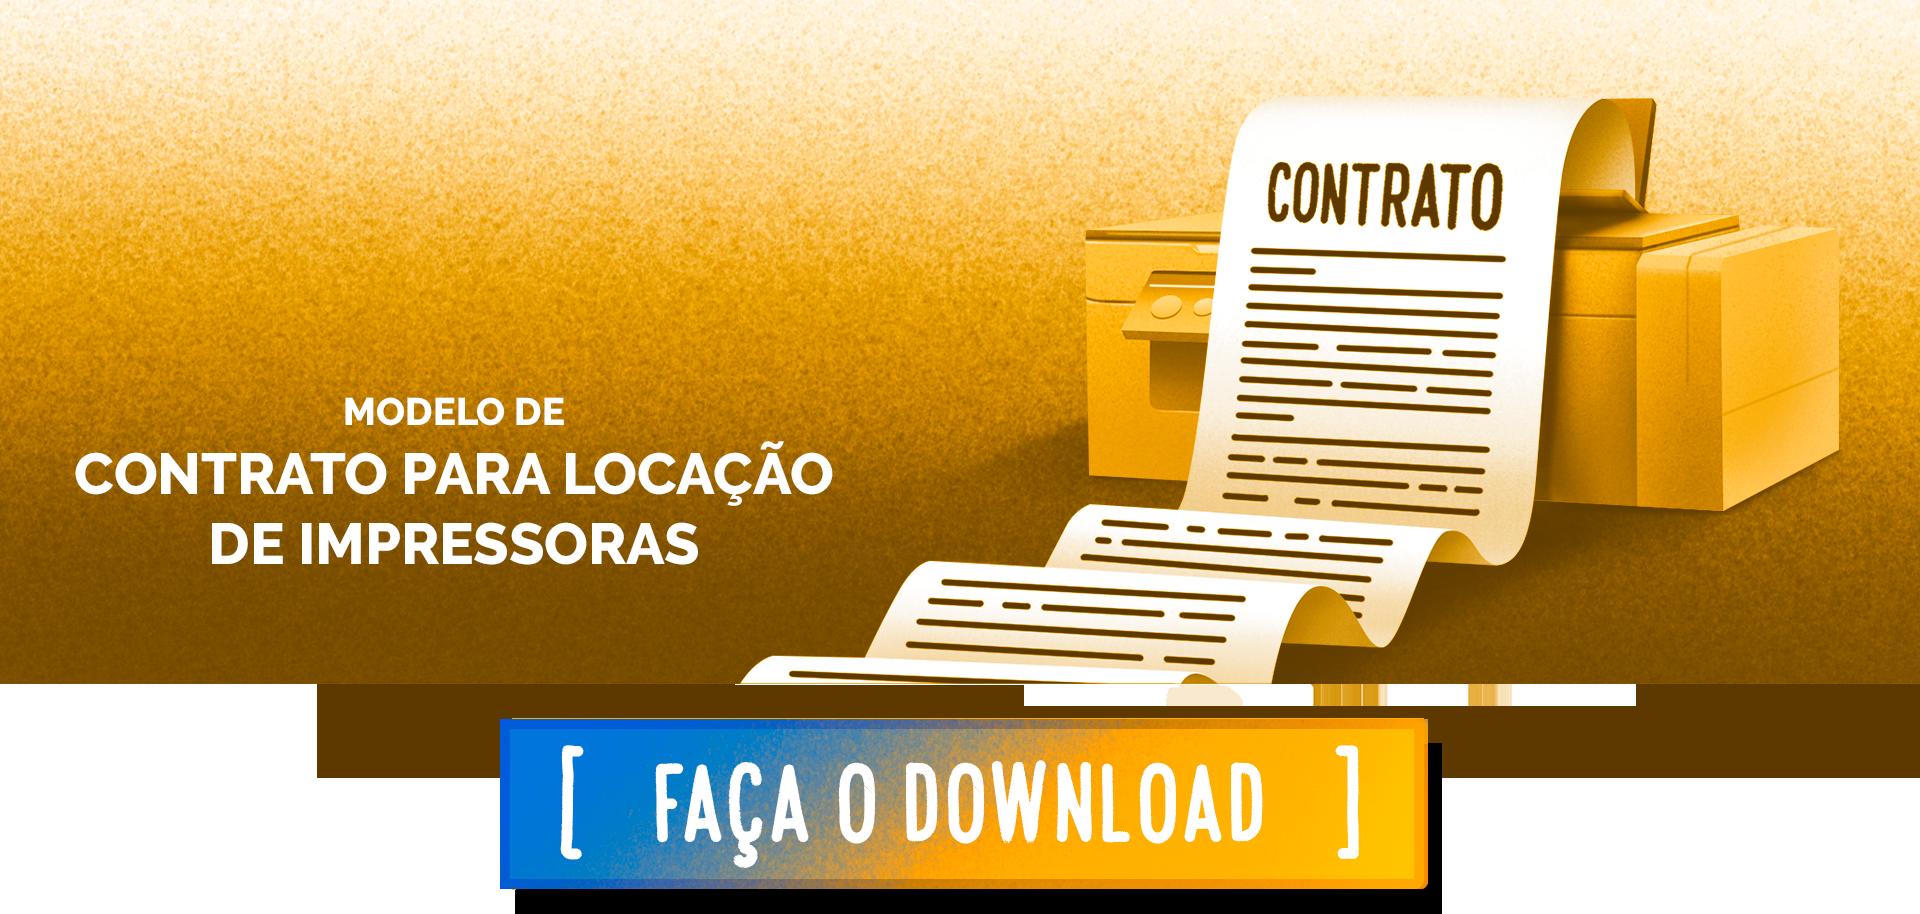 Convite para fazer o download do modelo de contrato de locação de impressora.